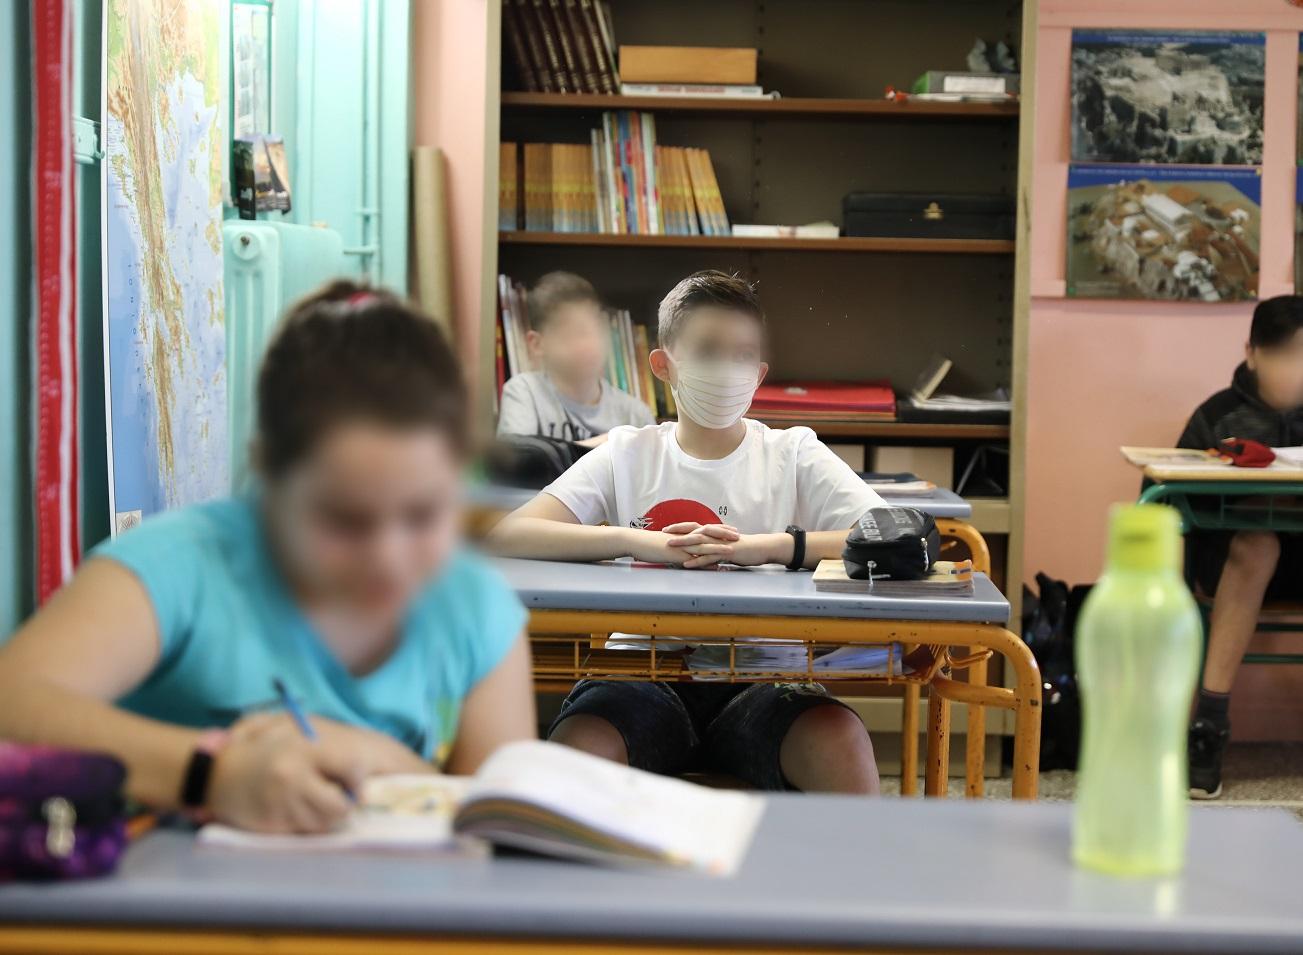 Δ. Γίδαρης: Ασφαλής η μάσκα για τα παιδιά - Οι θεωρίες συνωμοσίας κοστίζουν ζωές